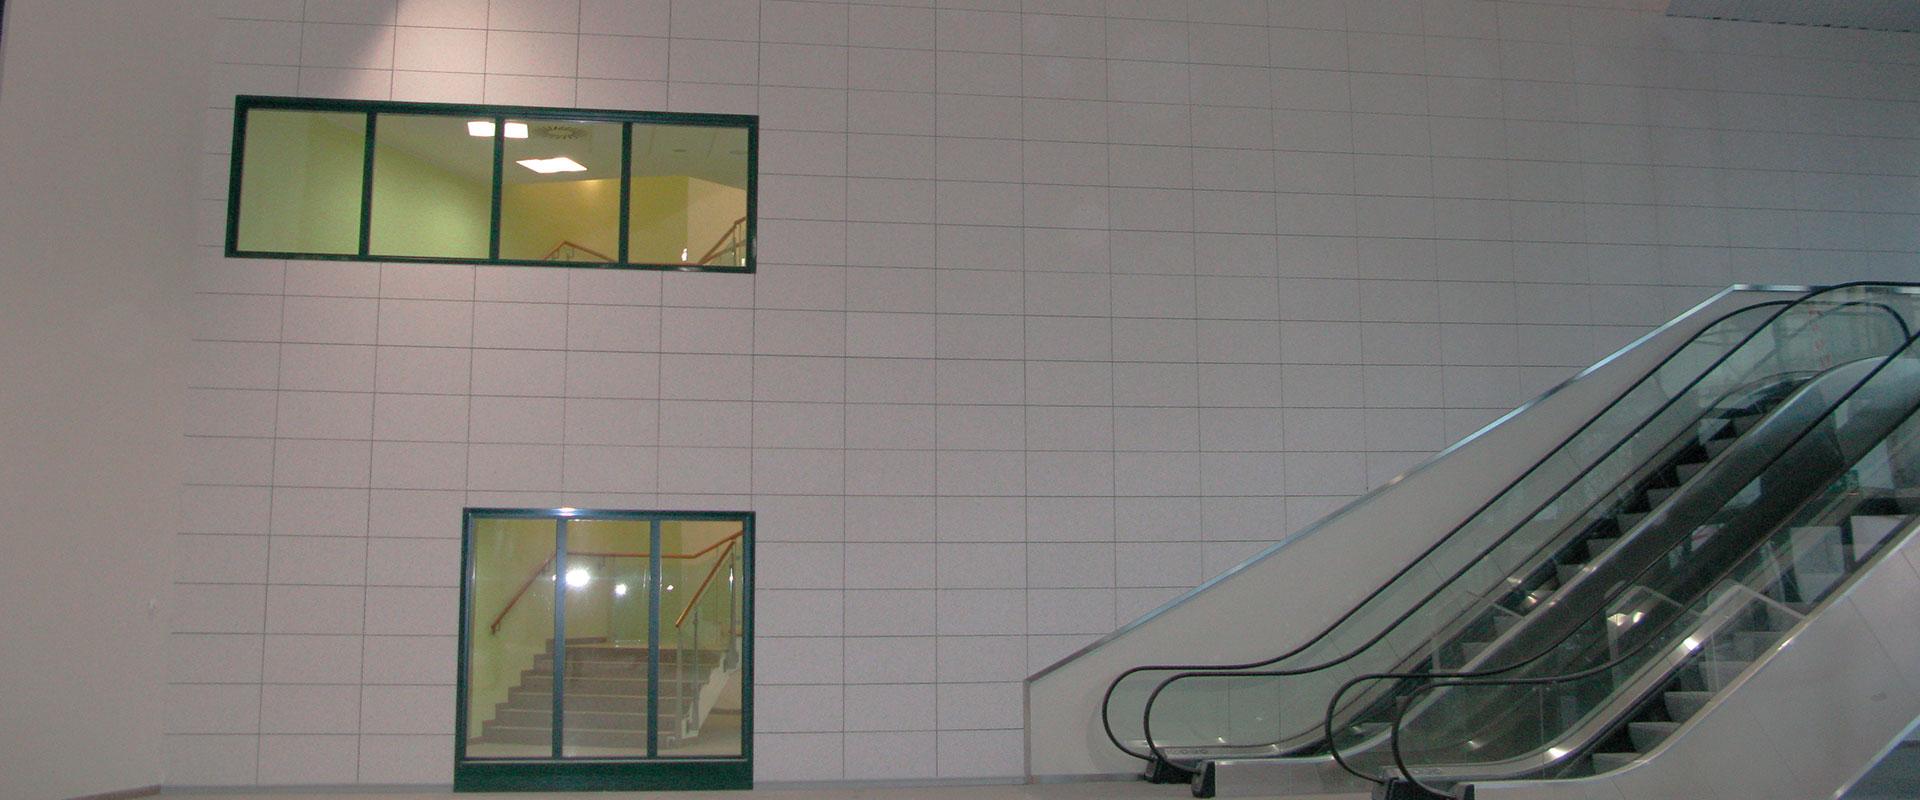 AGGLOTECH-progetto-ospedale-rovigo-slider-3